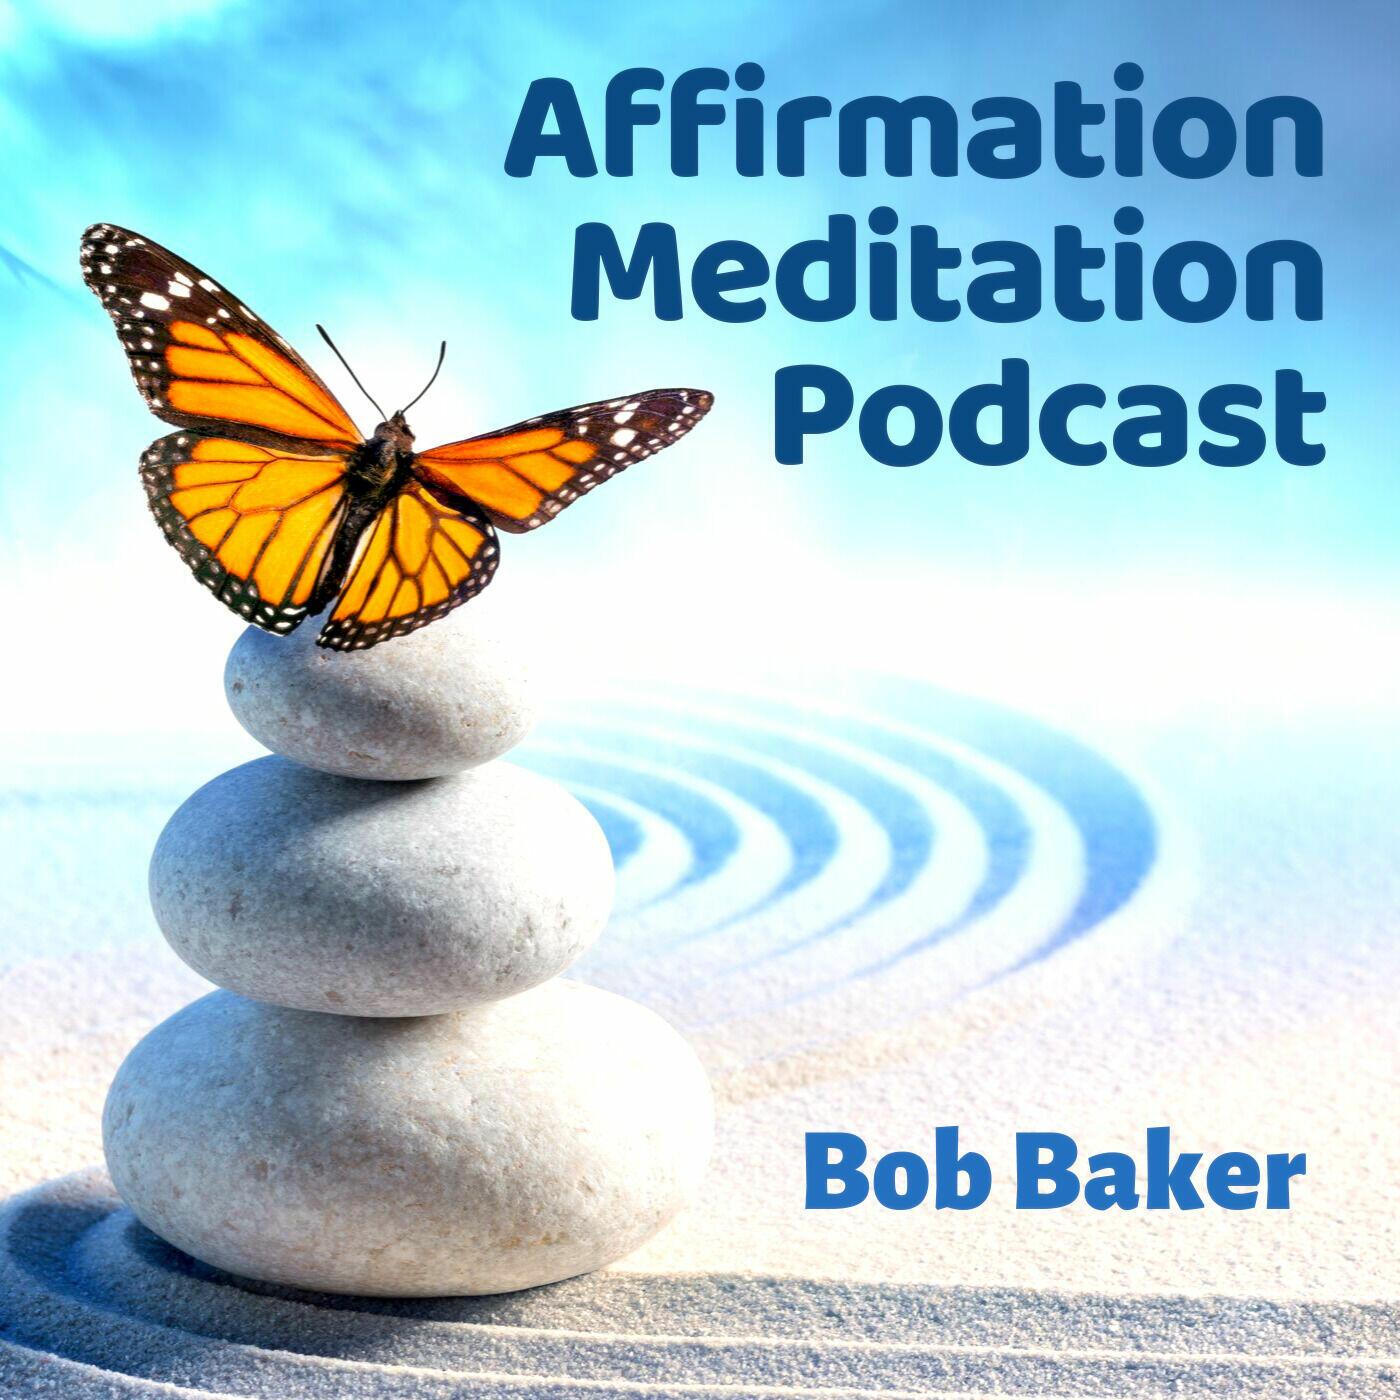 Affirmation Meditation Podcast with Bob Baker